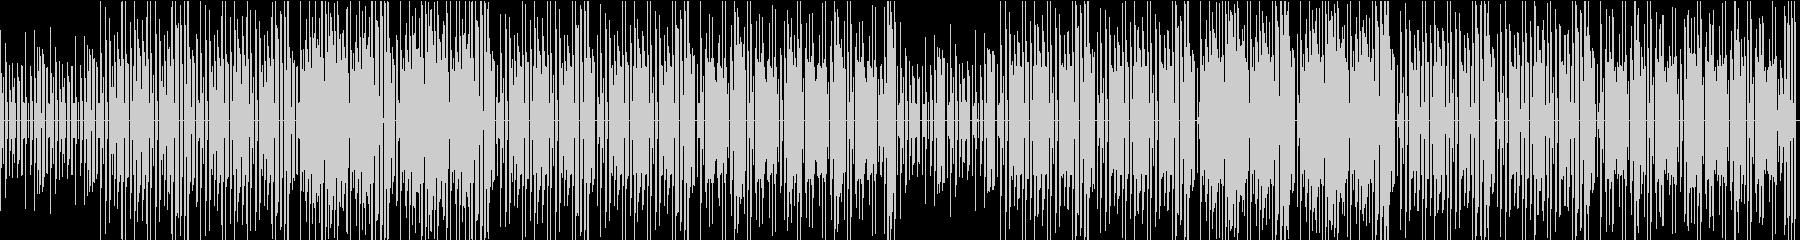 8bitファミコン の未再生の波形